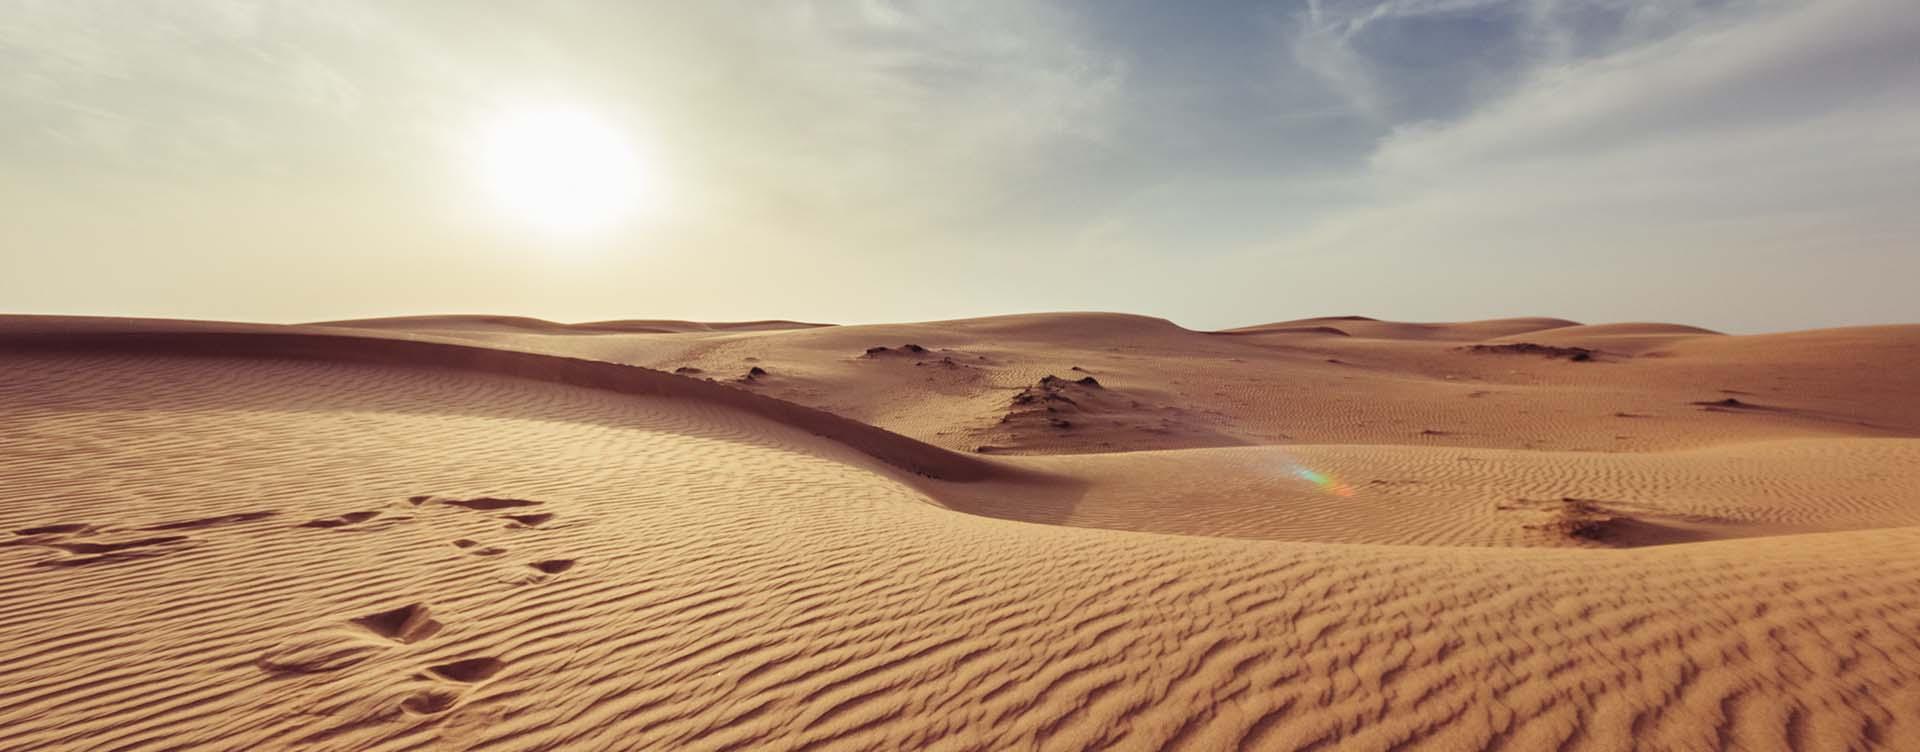 Wasserströme in der Wüste